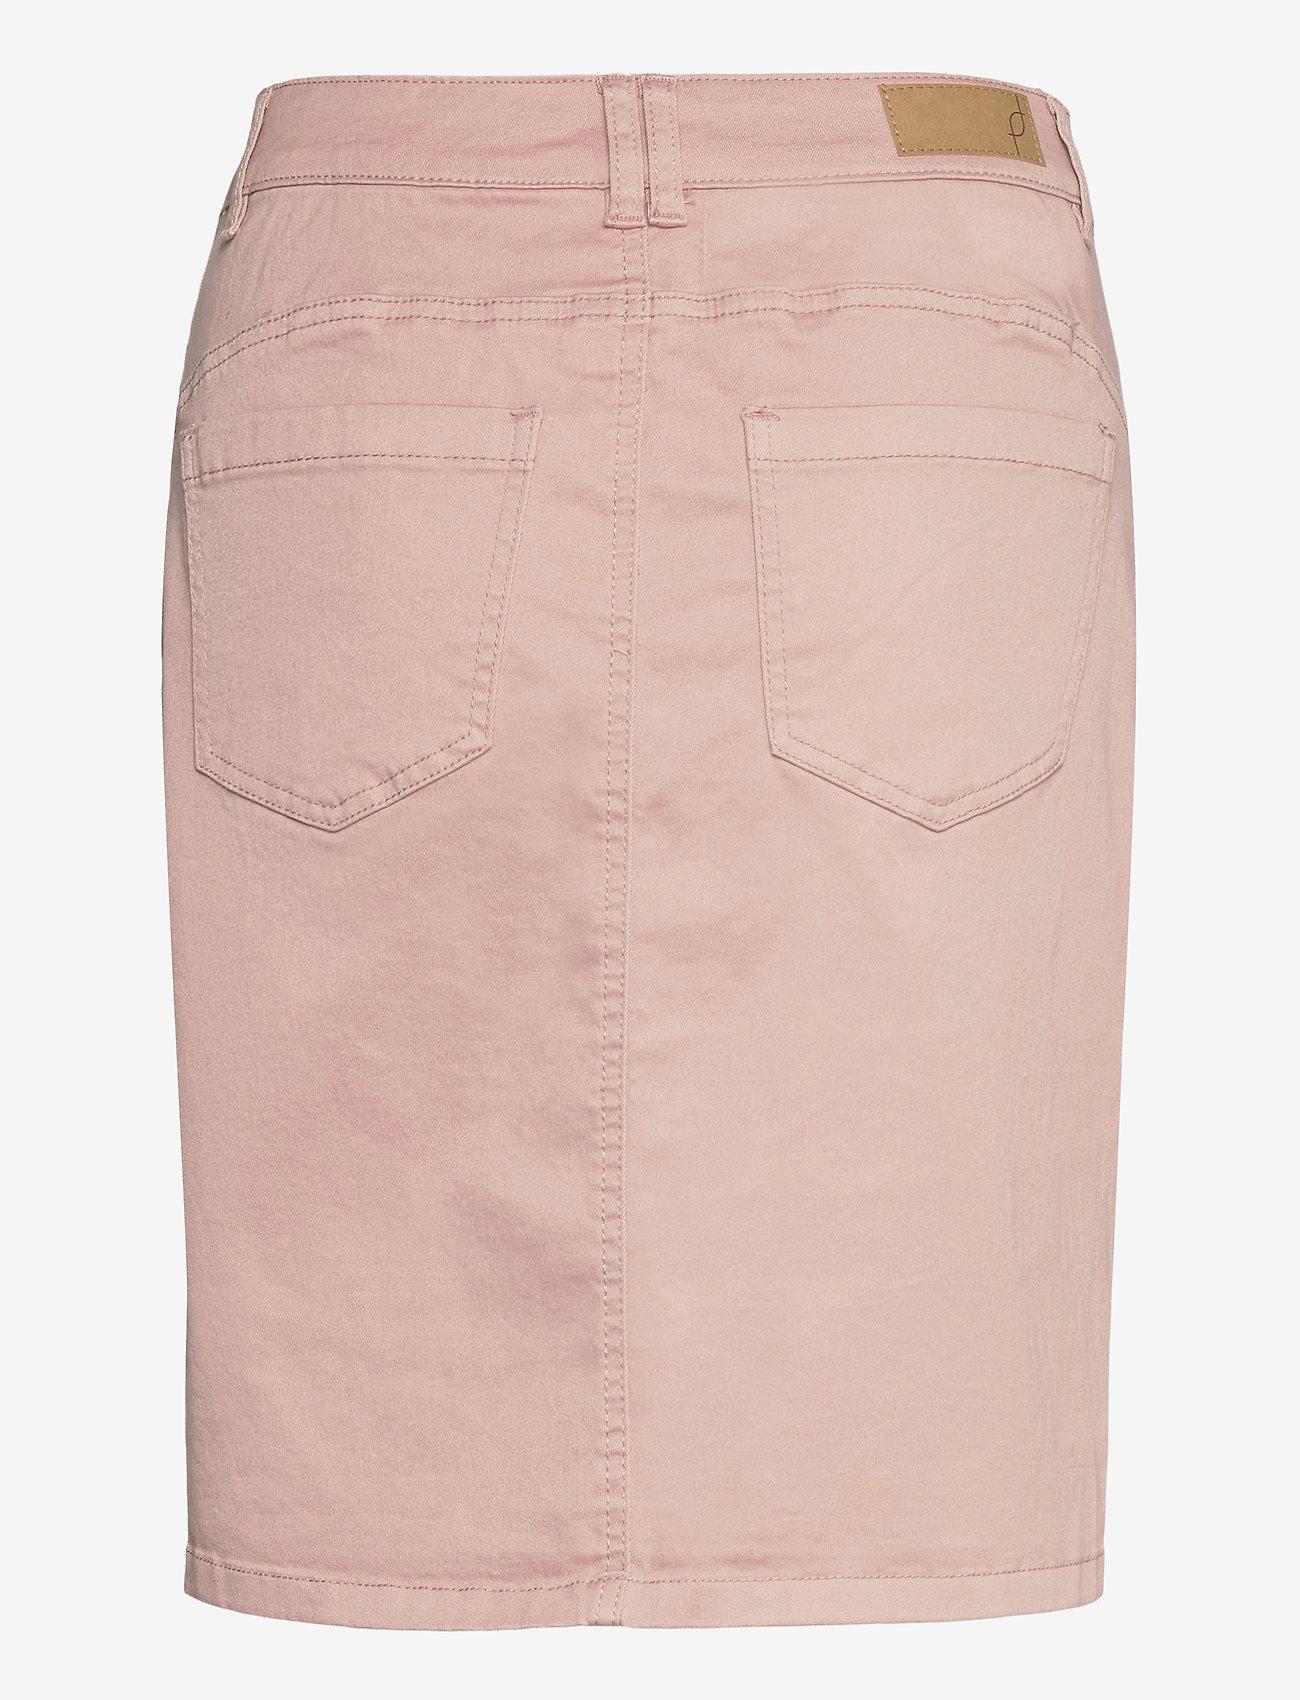 Fransa - FRLOMAX 3 Skirt - korte rokken - misty rose - 1